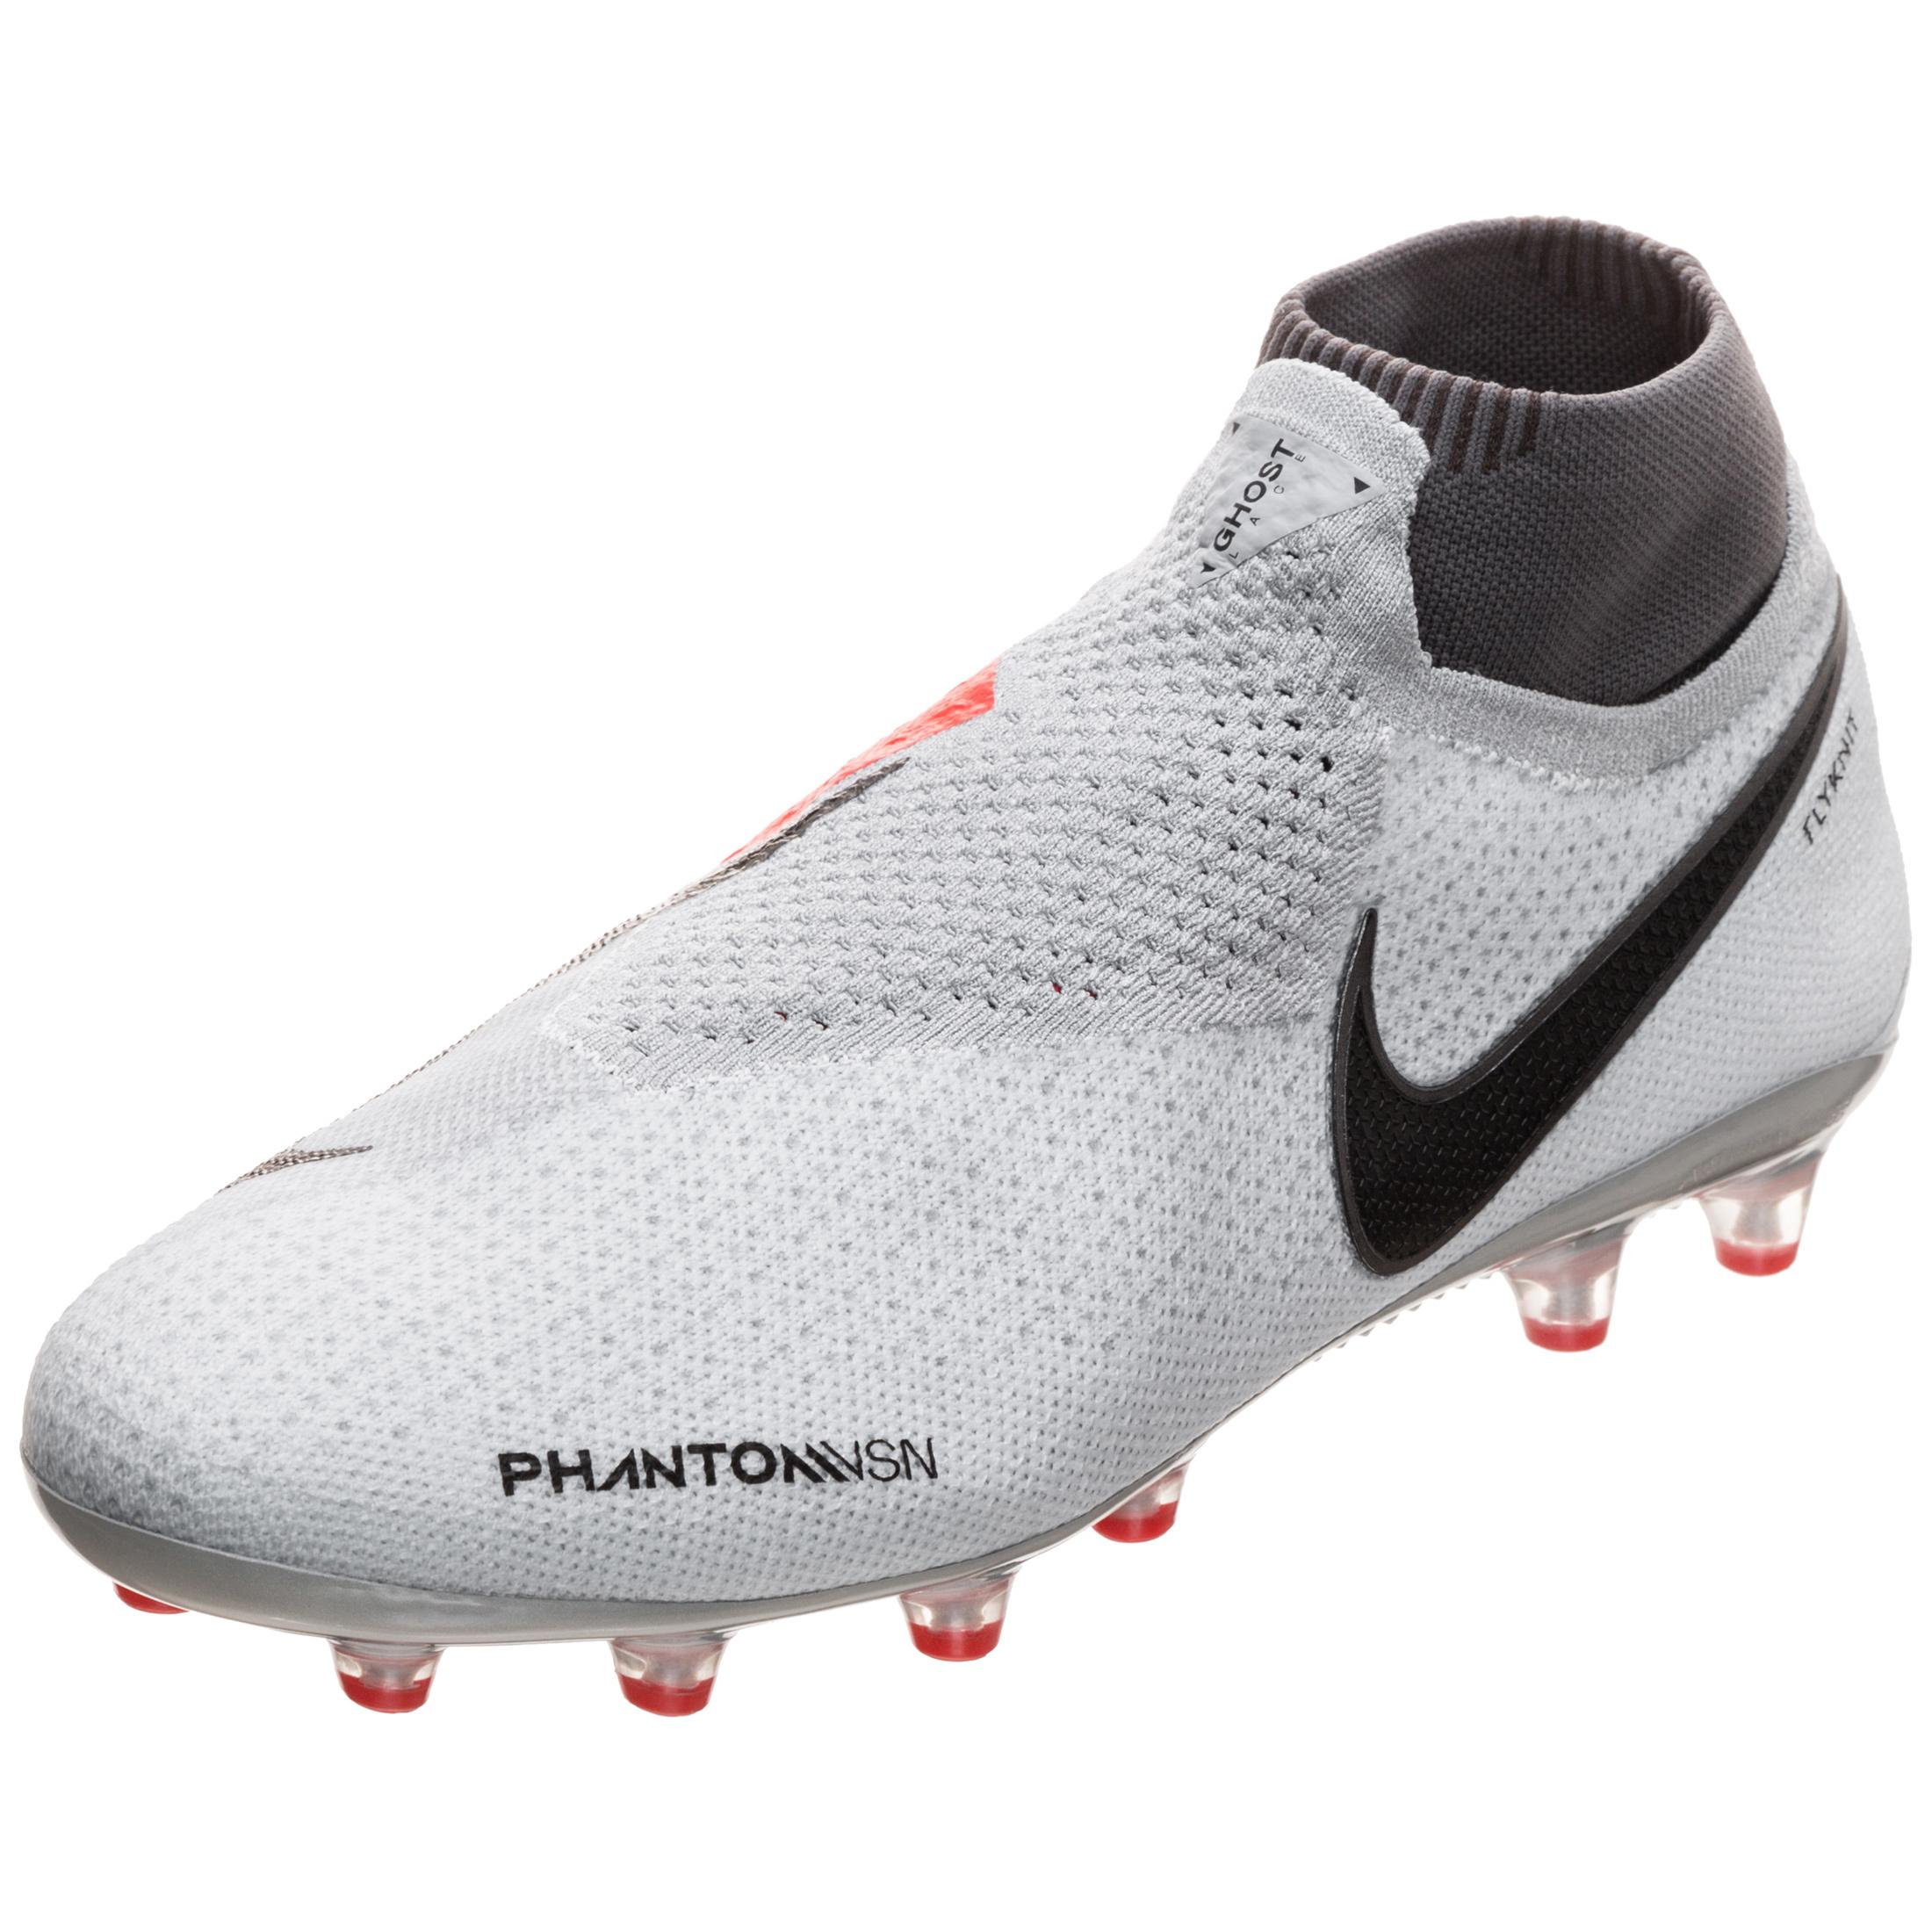 Nike Phantom Vision Elite Df Ag Pro Fussballschuhe Herren Grau Rot Schwarz Im Online Shop Von Sportscheck Kaufen